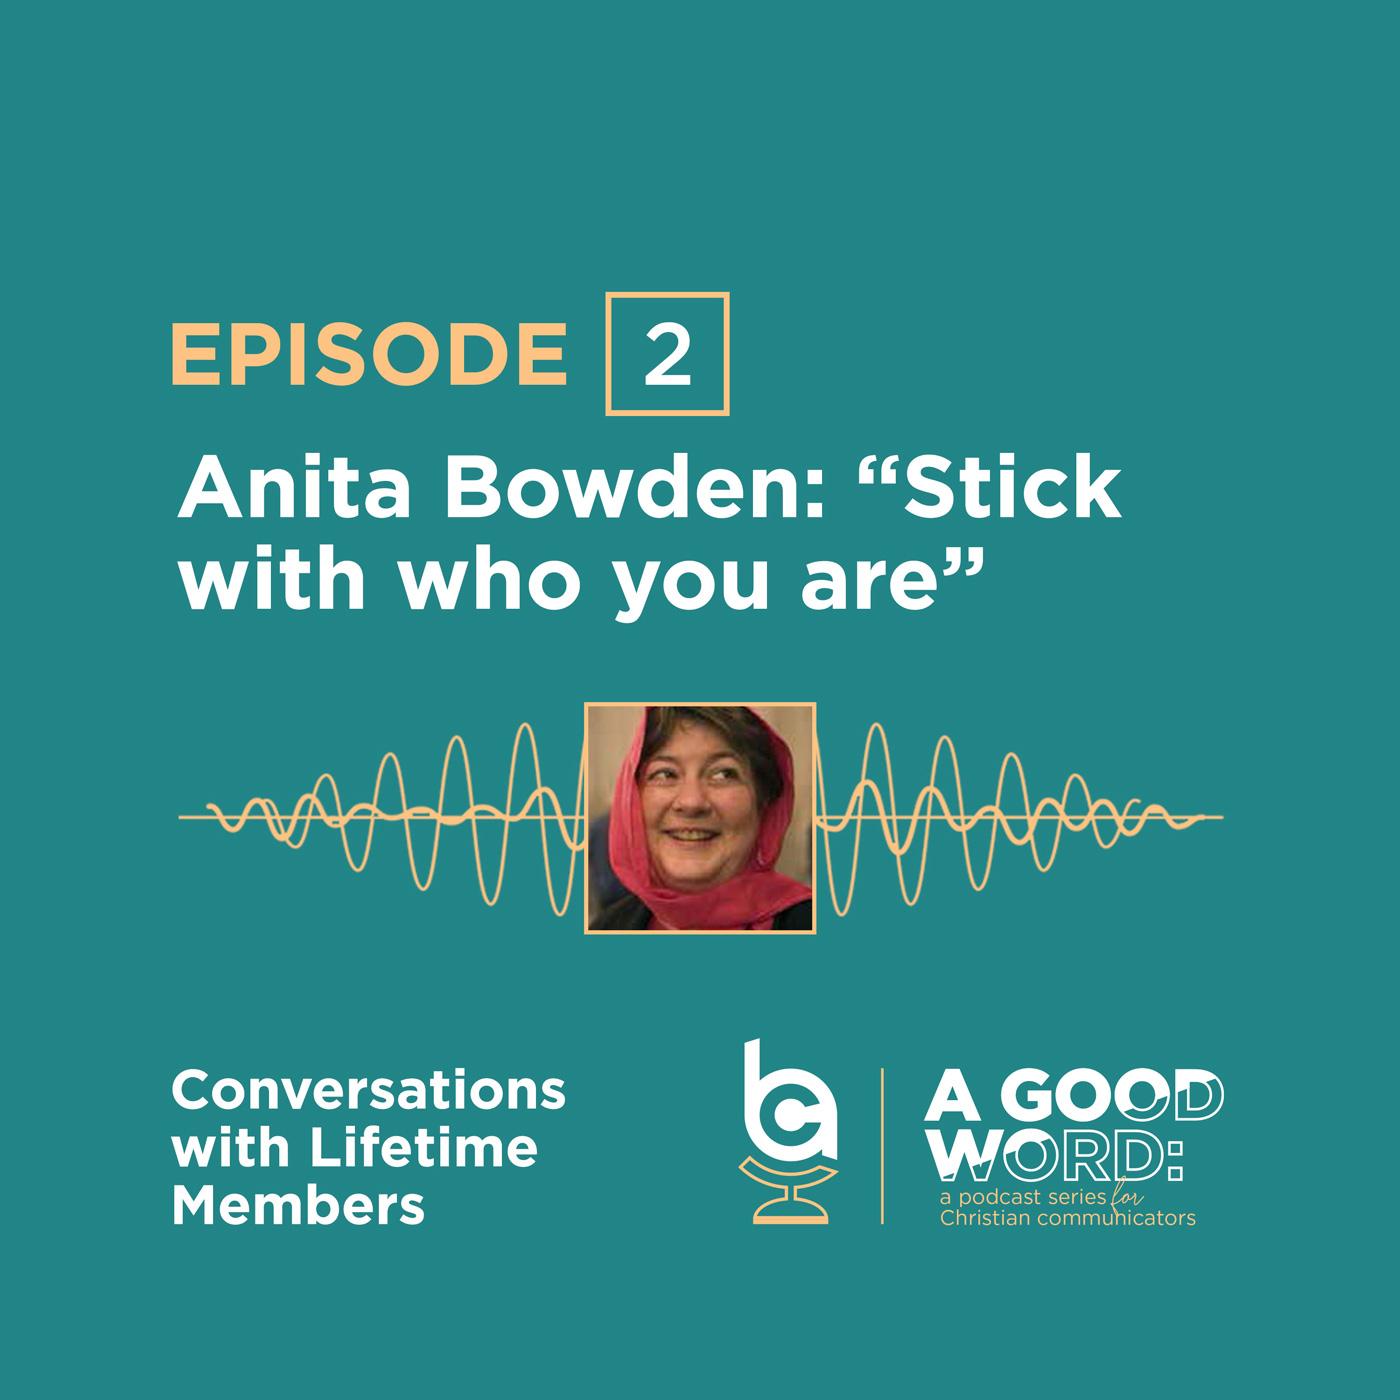 Episode 2: Anita Bowden